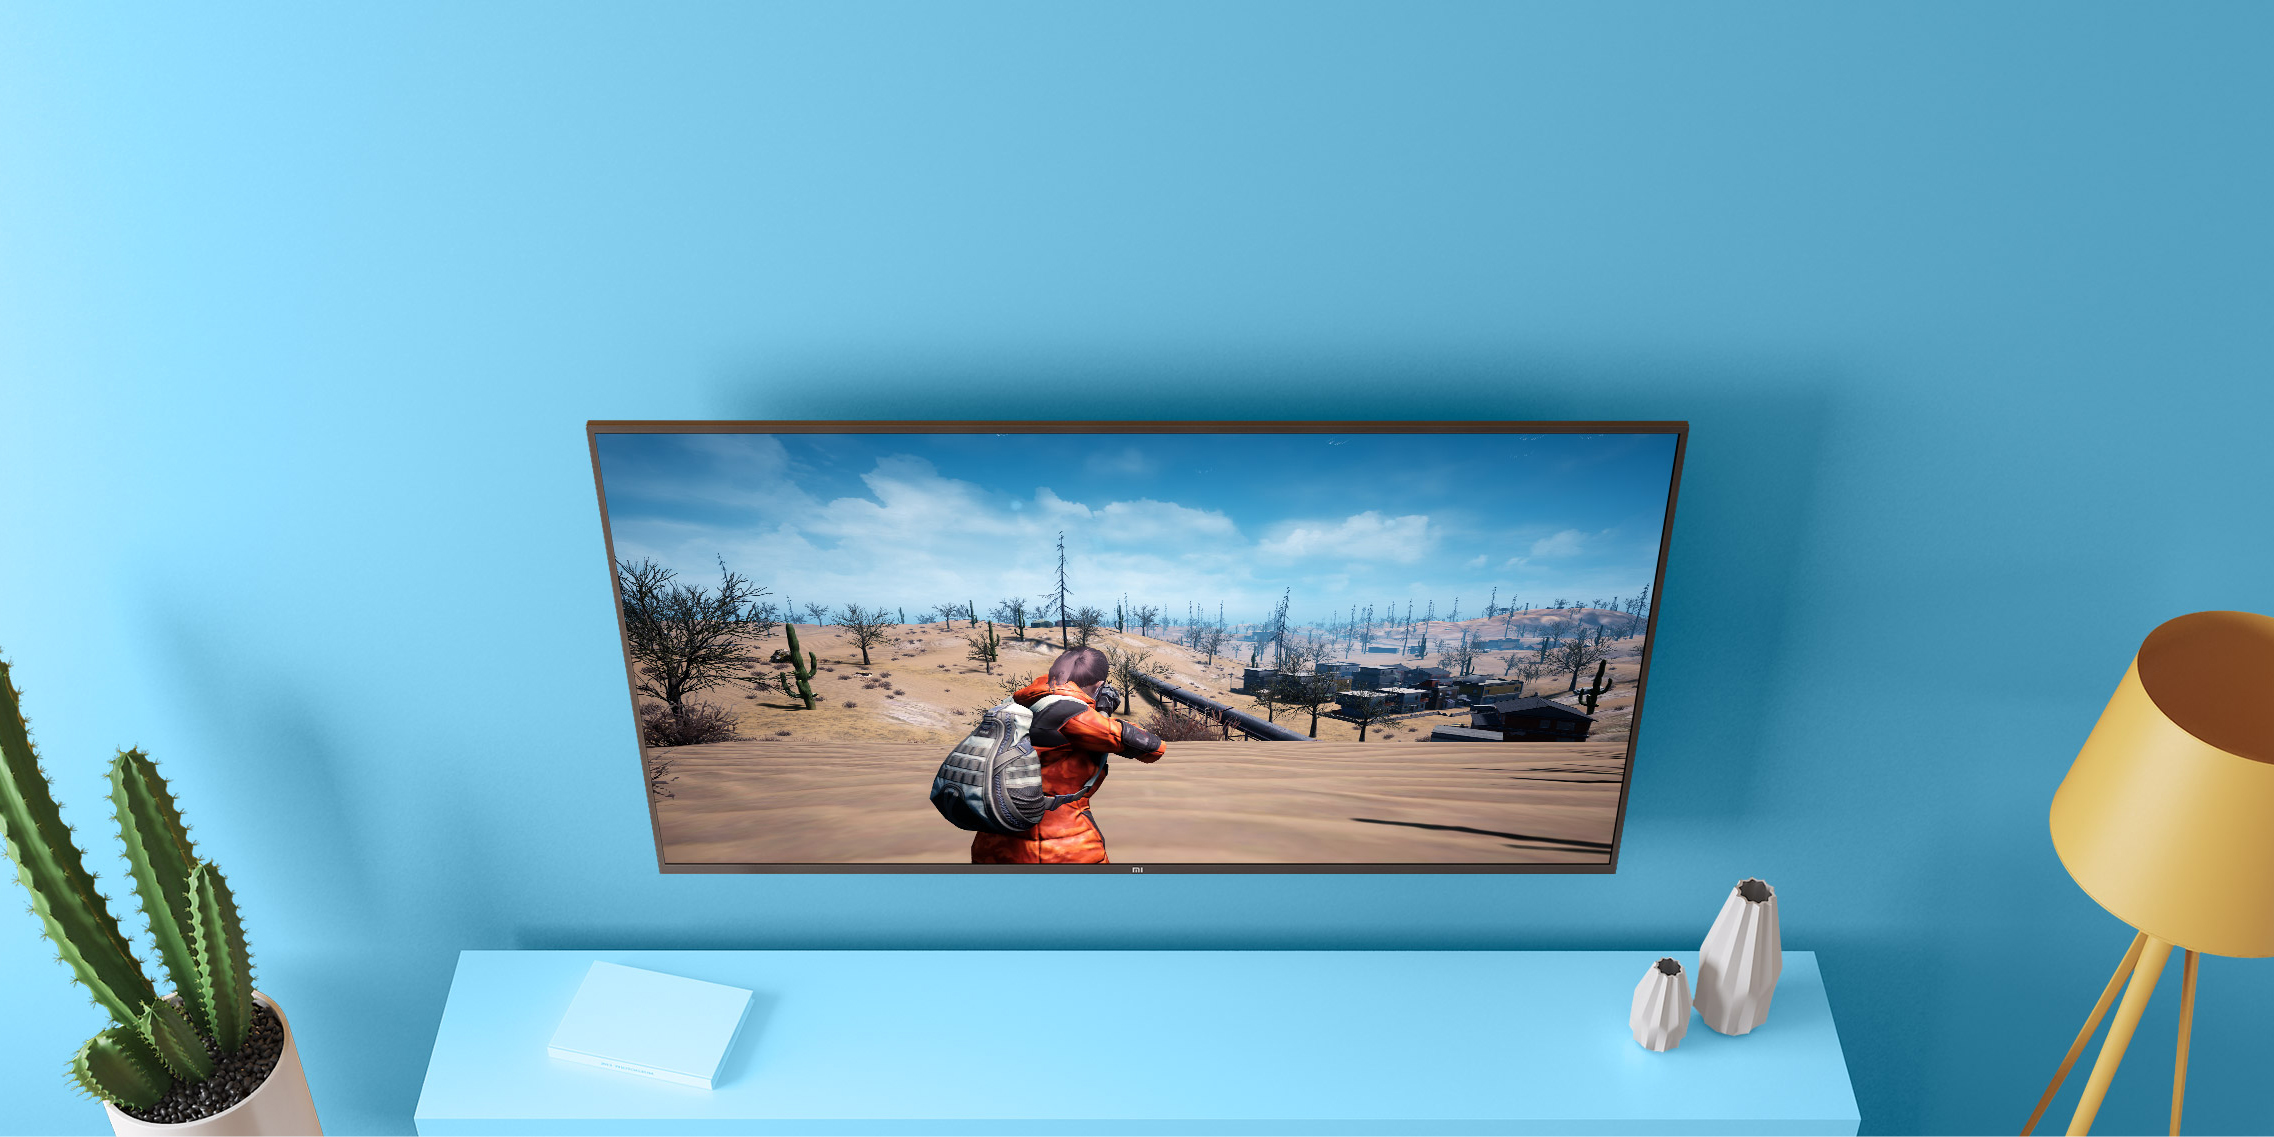 У xiaomi готов сверхтонкий дешевый телевизор на «квантовых точках»